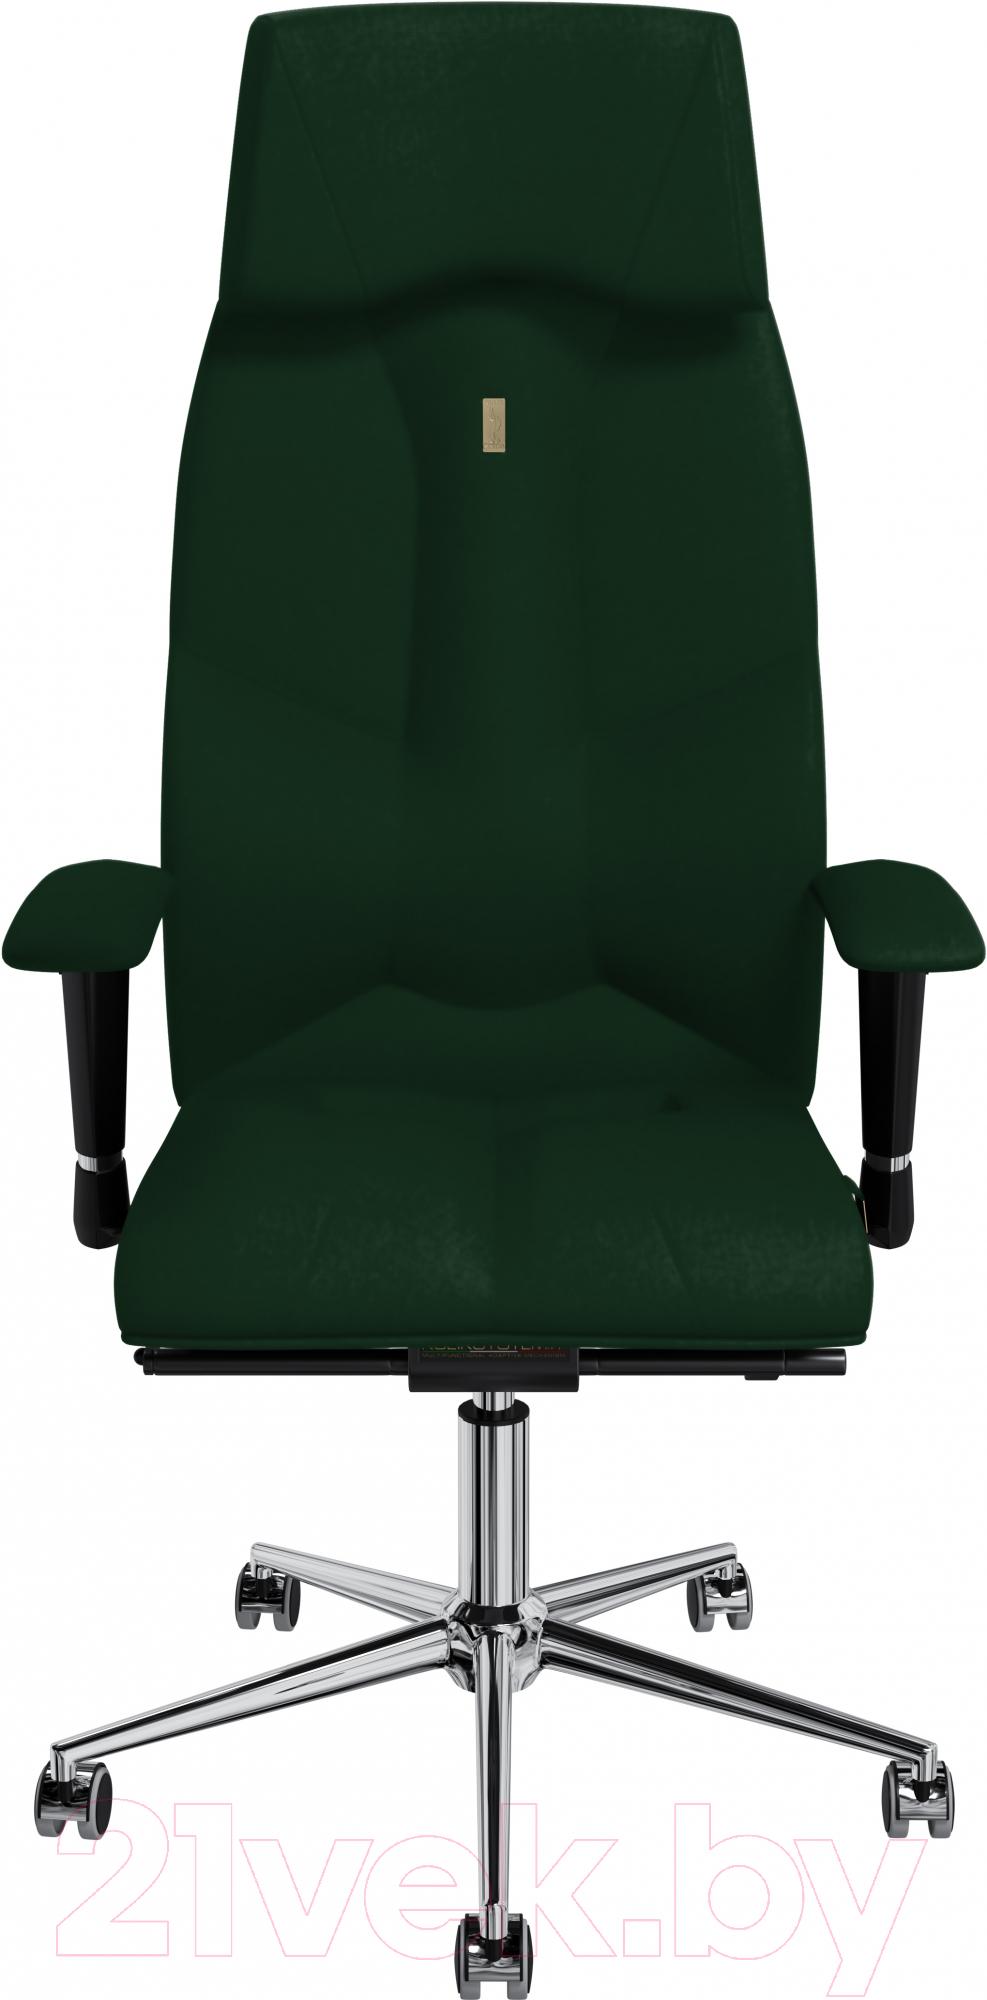 Купить Кресло офисное Kulik System, Business кожа натуральная (зеленый с подголовником), Украина, Business (Kulik System)